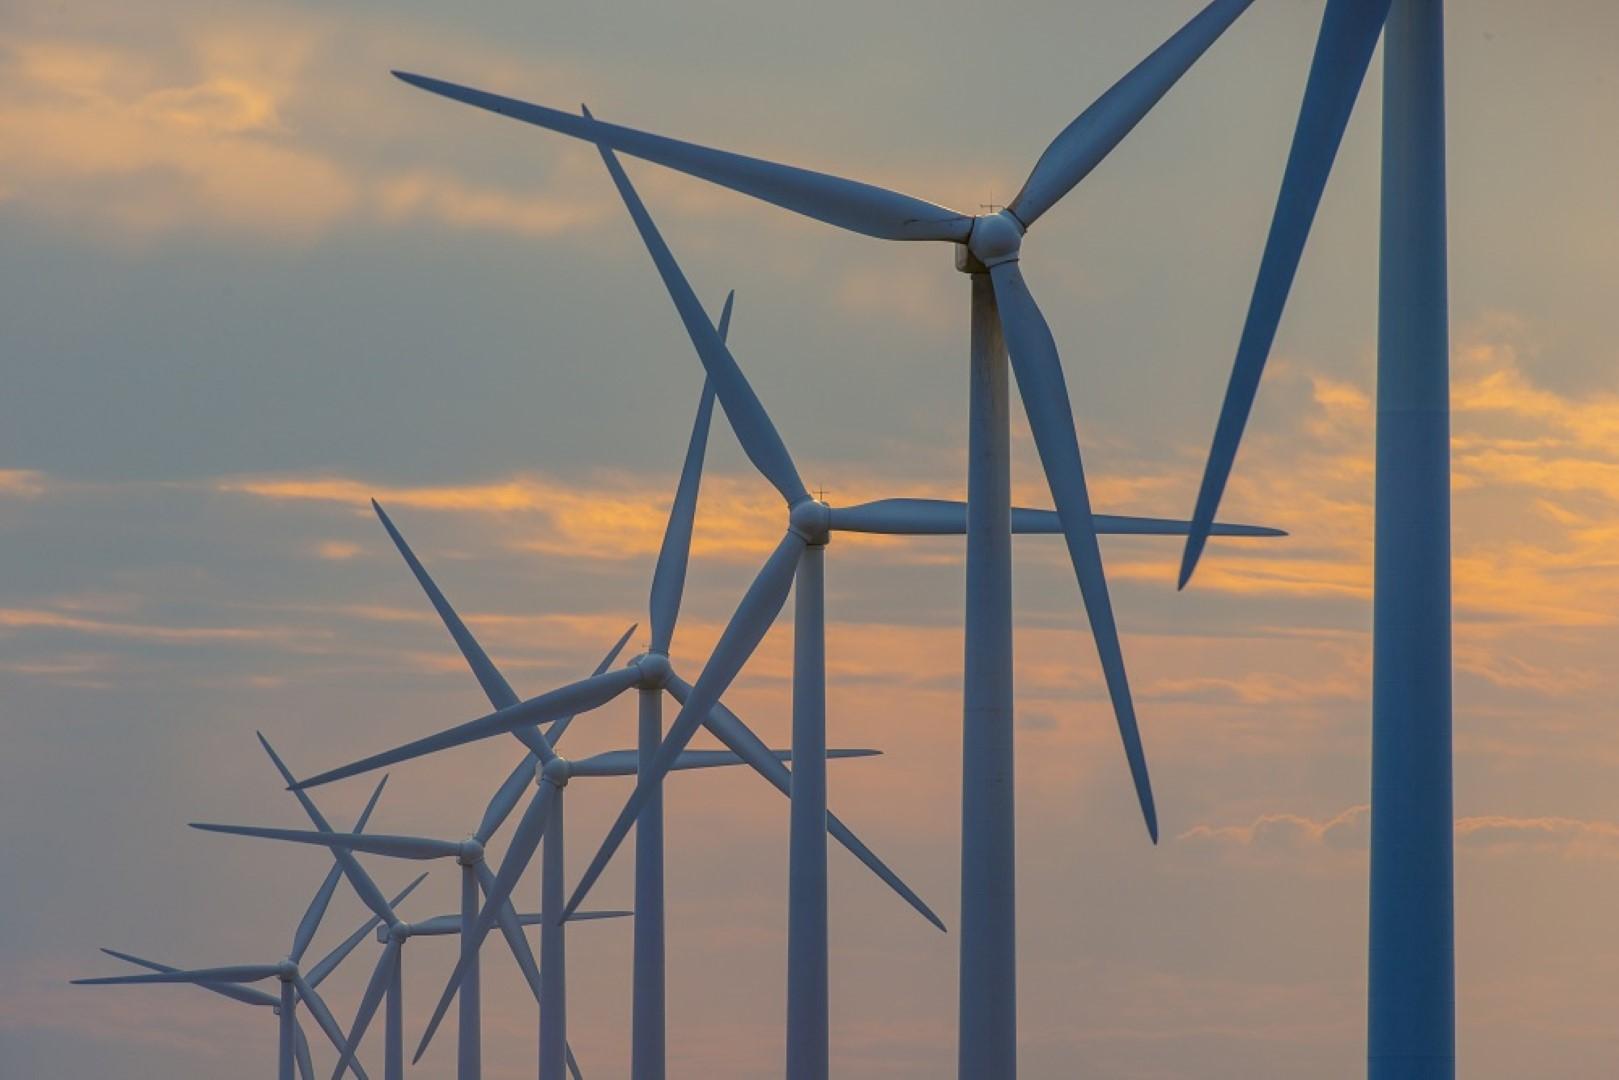 AMERICA'S TOP 5 RENEWABLE ENERGY COMPANIES